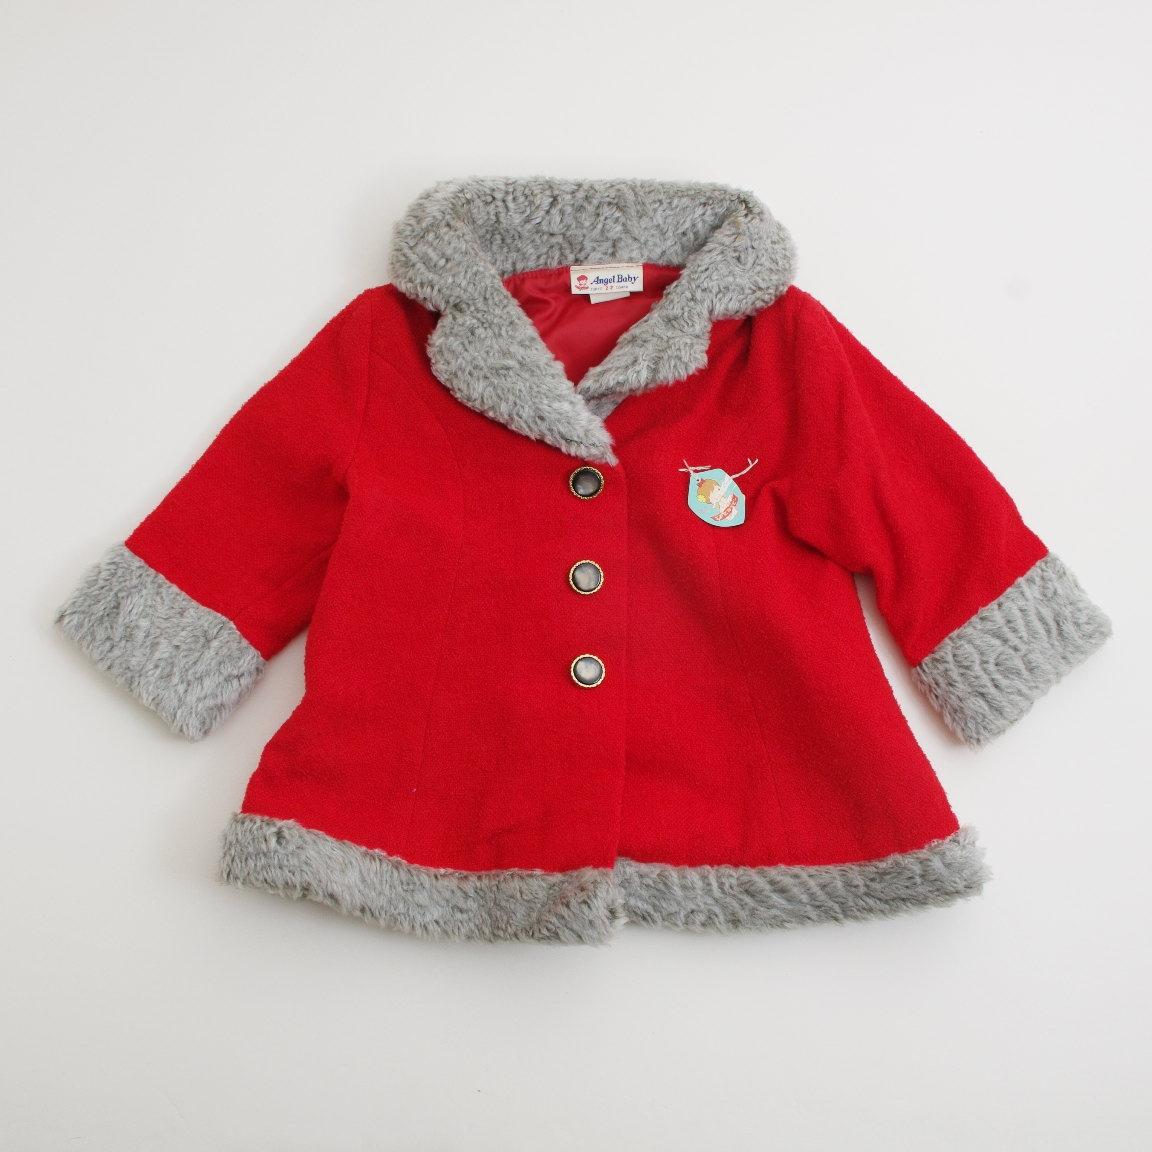 日本製 エンゼルベビーのコート 赤色 3才 (L152168-3)